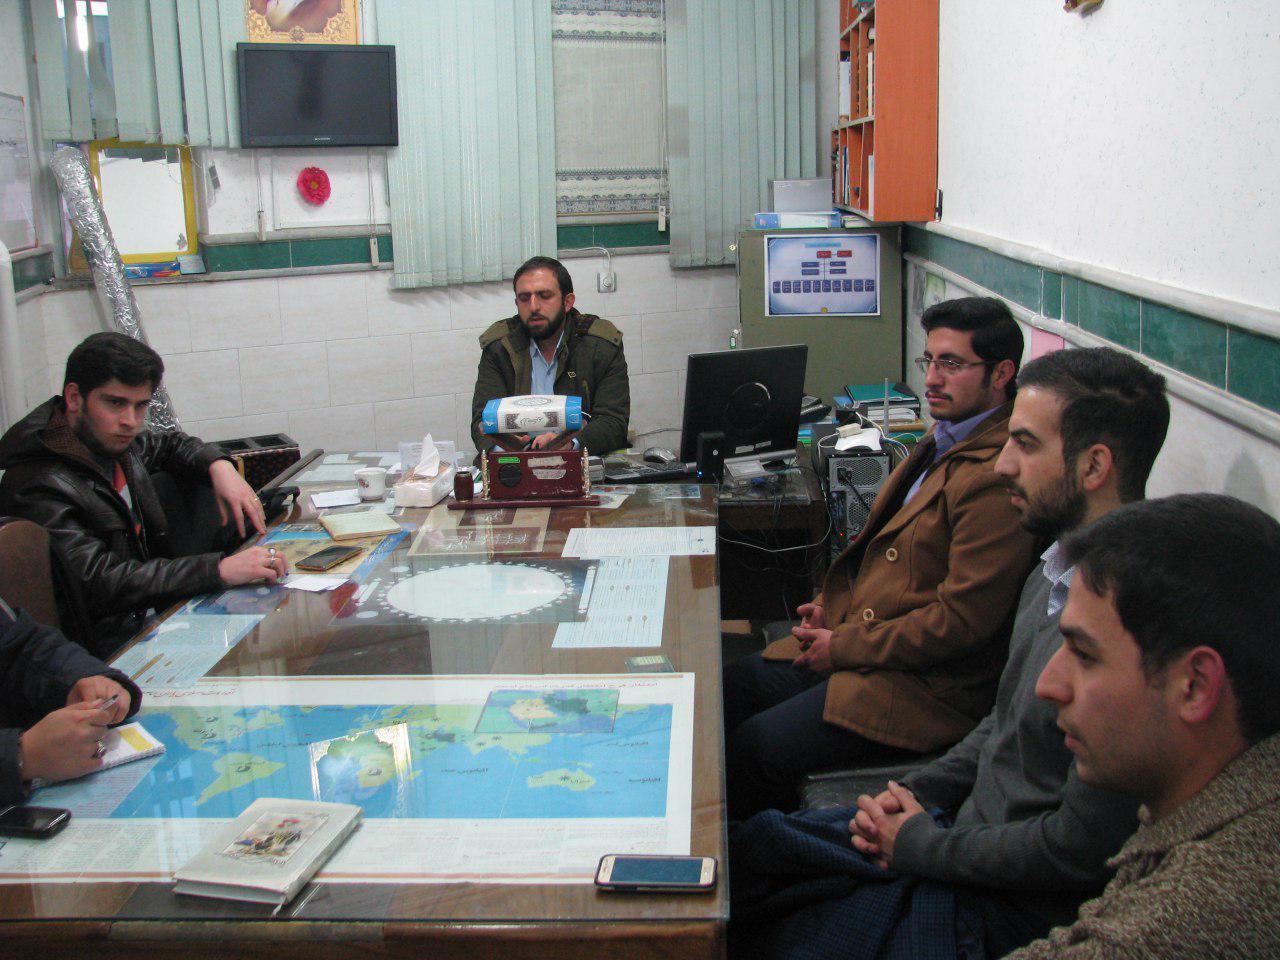 تصاویری از جلسه مشورتی شورای دانشجوئی دارالقرآن مهدیشهر